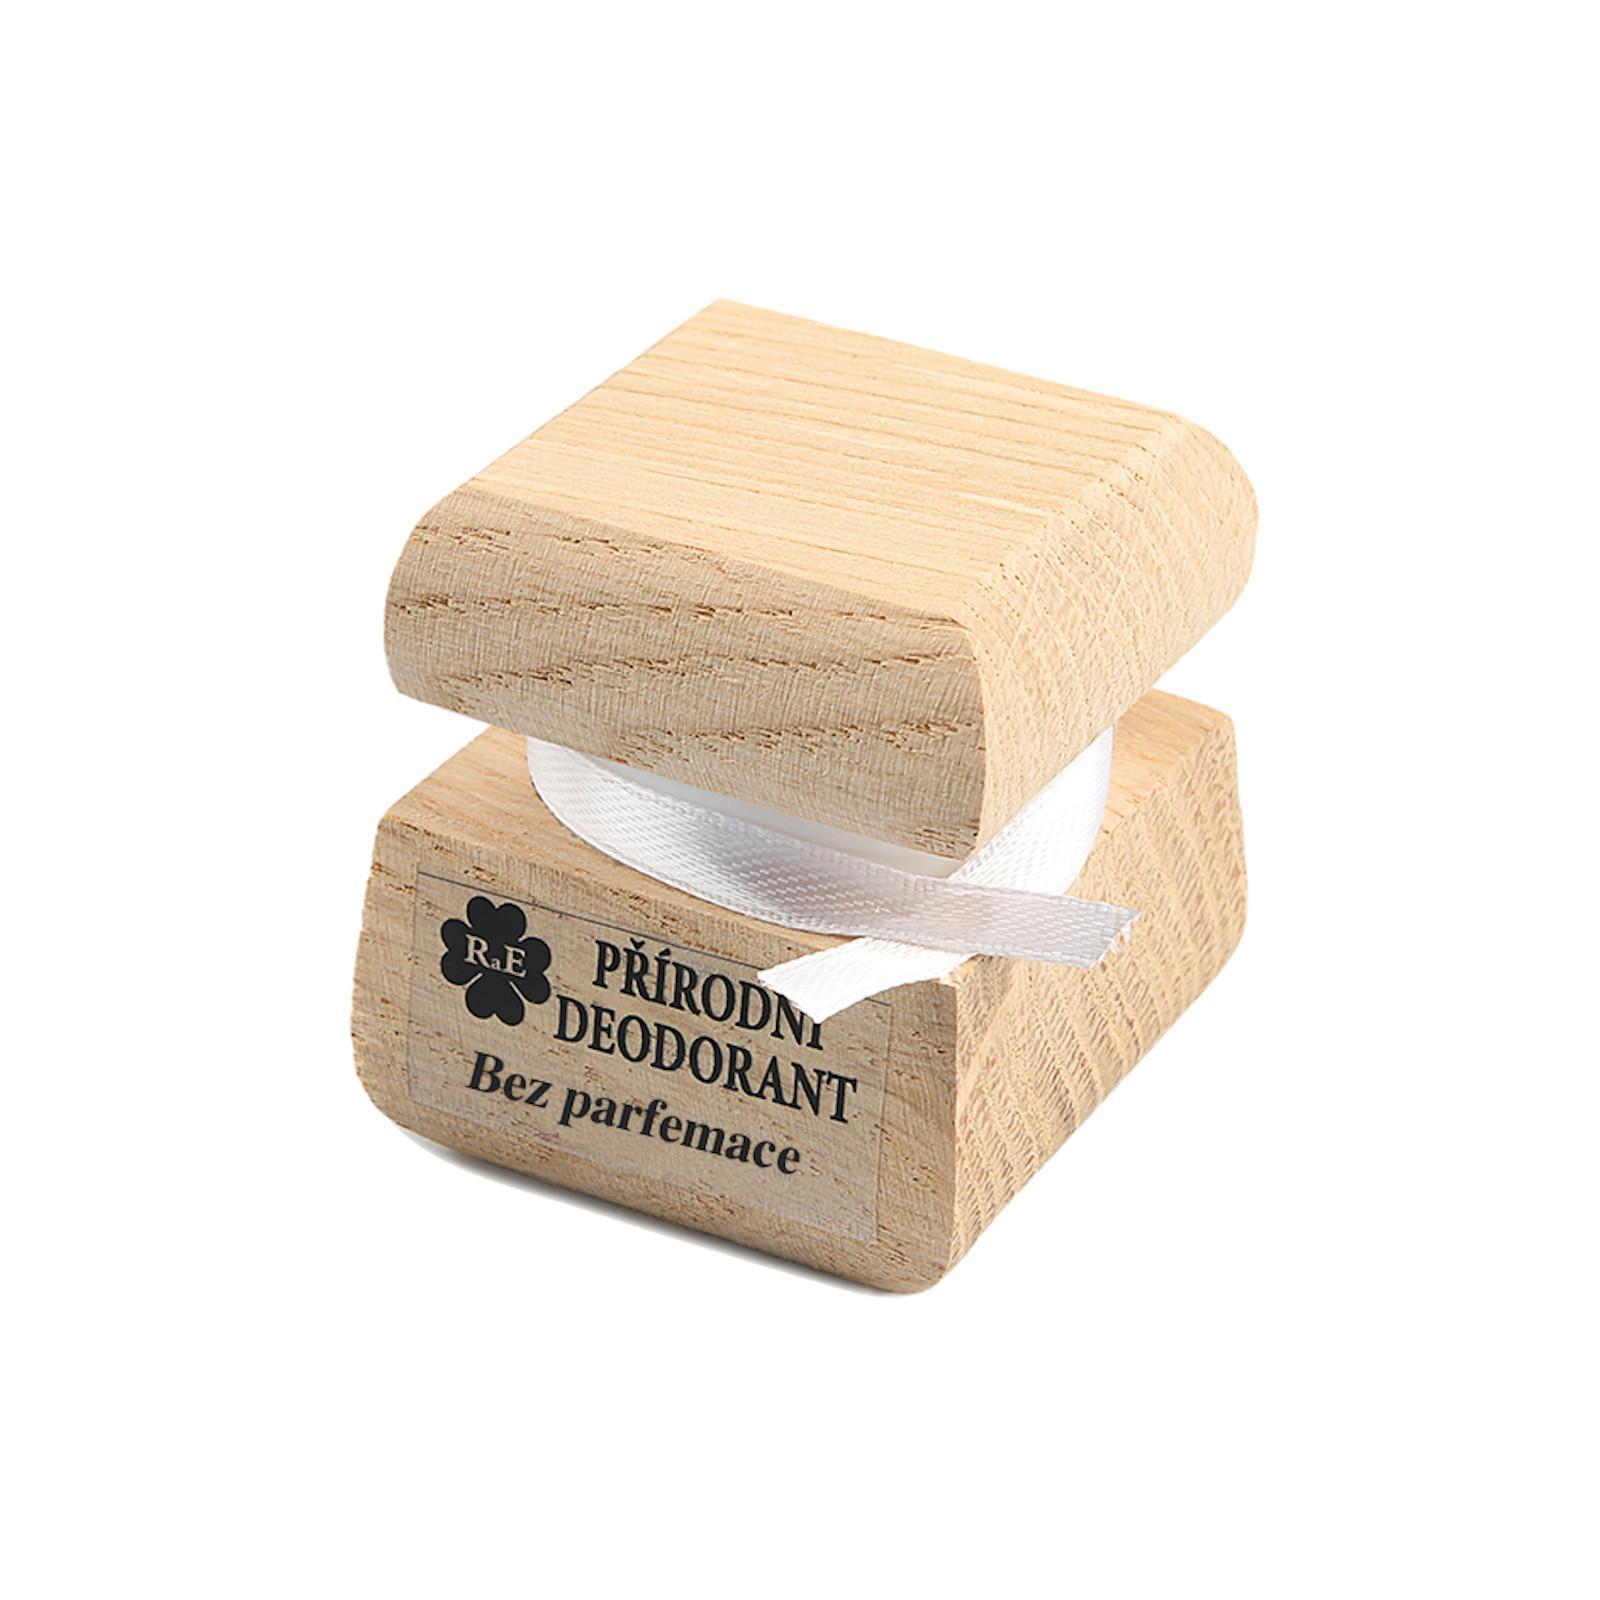 RaE Přírodní deodorant bez parfemace 15 ml, dřevěná krabička